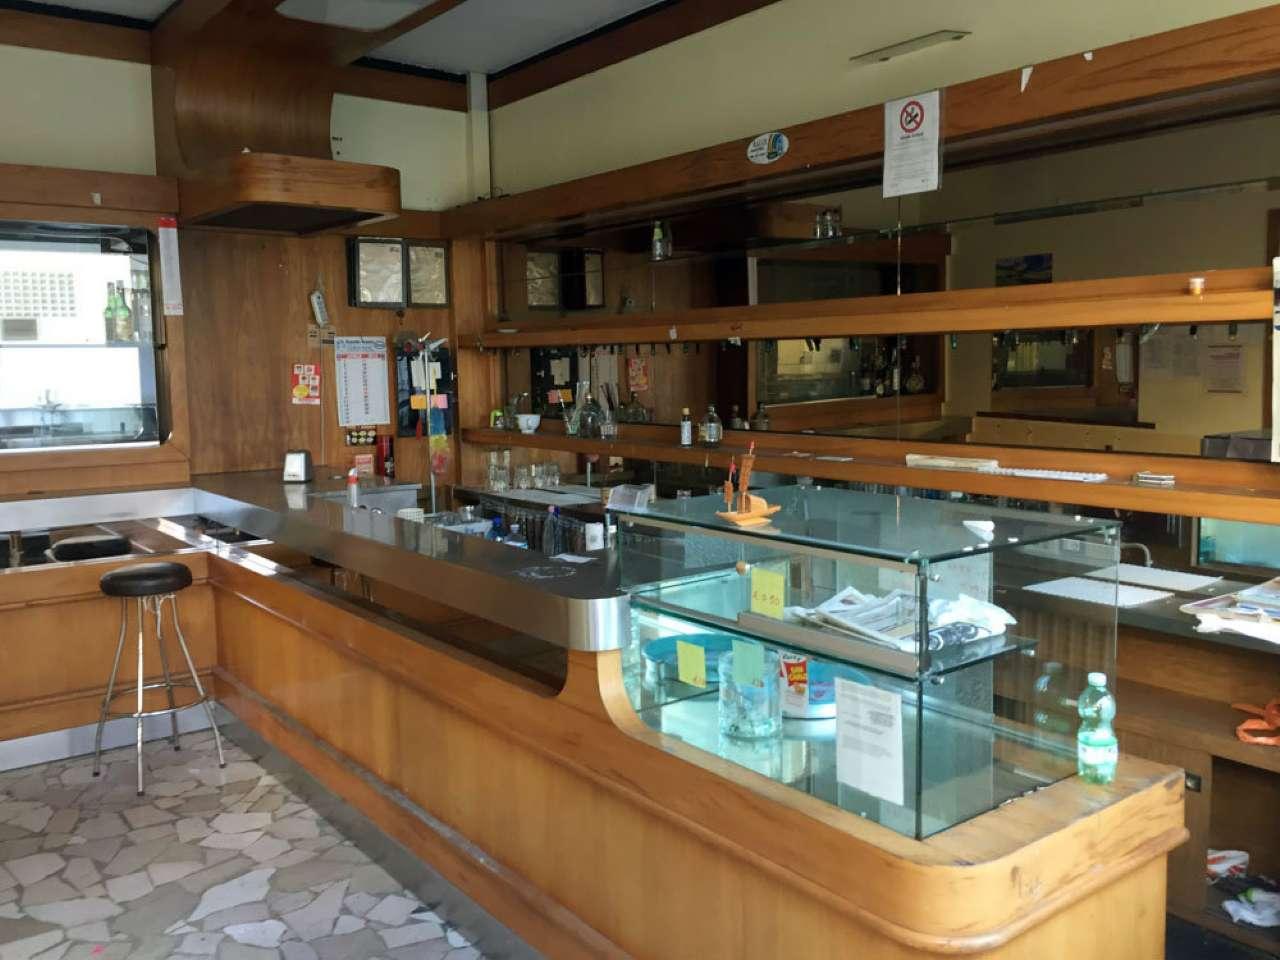 Negozio / Locale in vendita a Ravenna, 3 locali, prezzo € 90.000 | CambioCasa.it